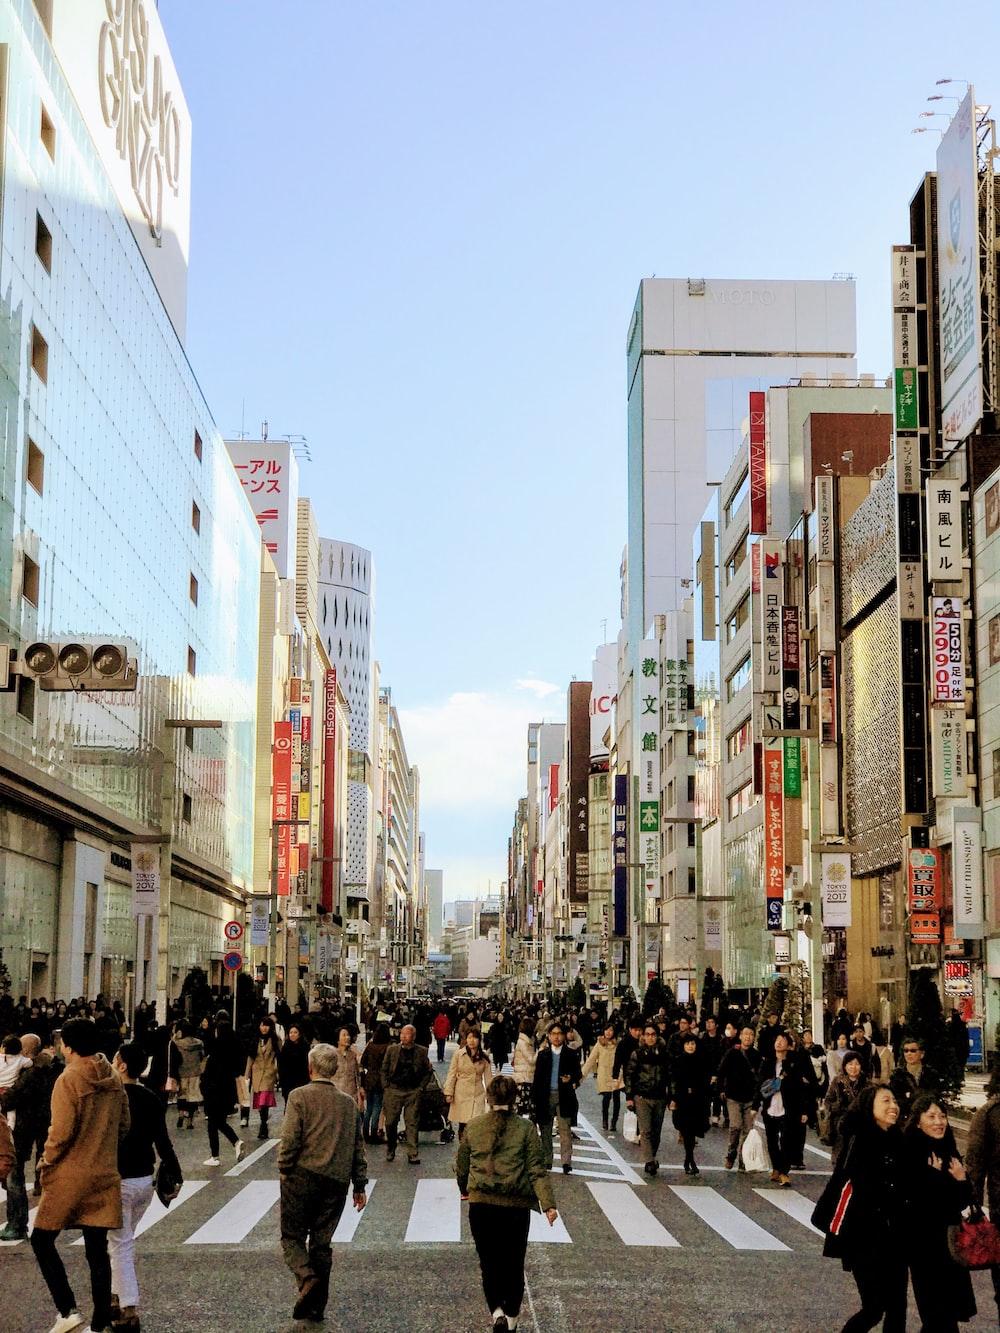 people walking on street in between buildings under blue sky